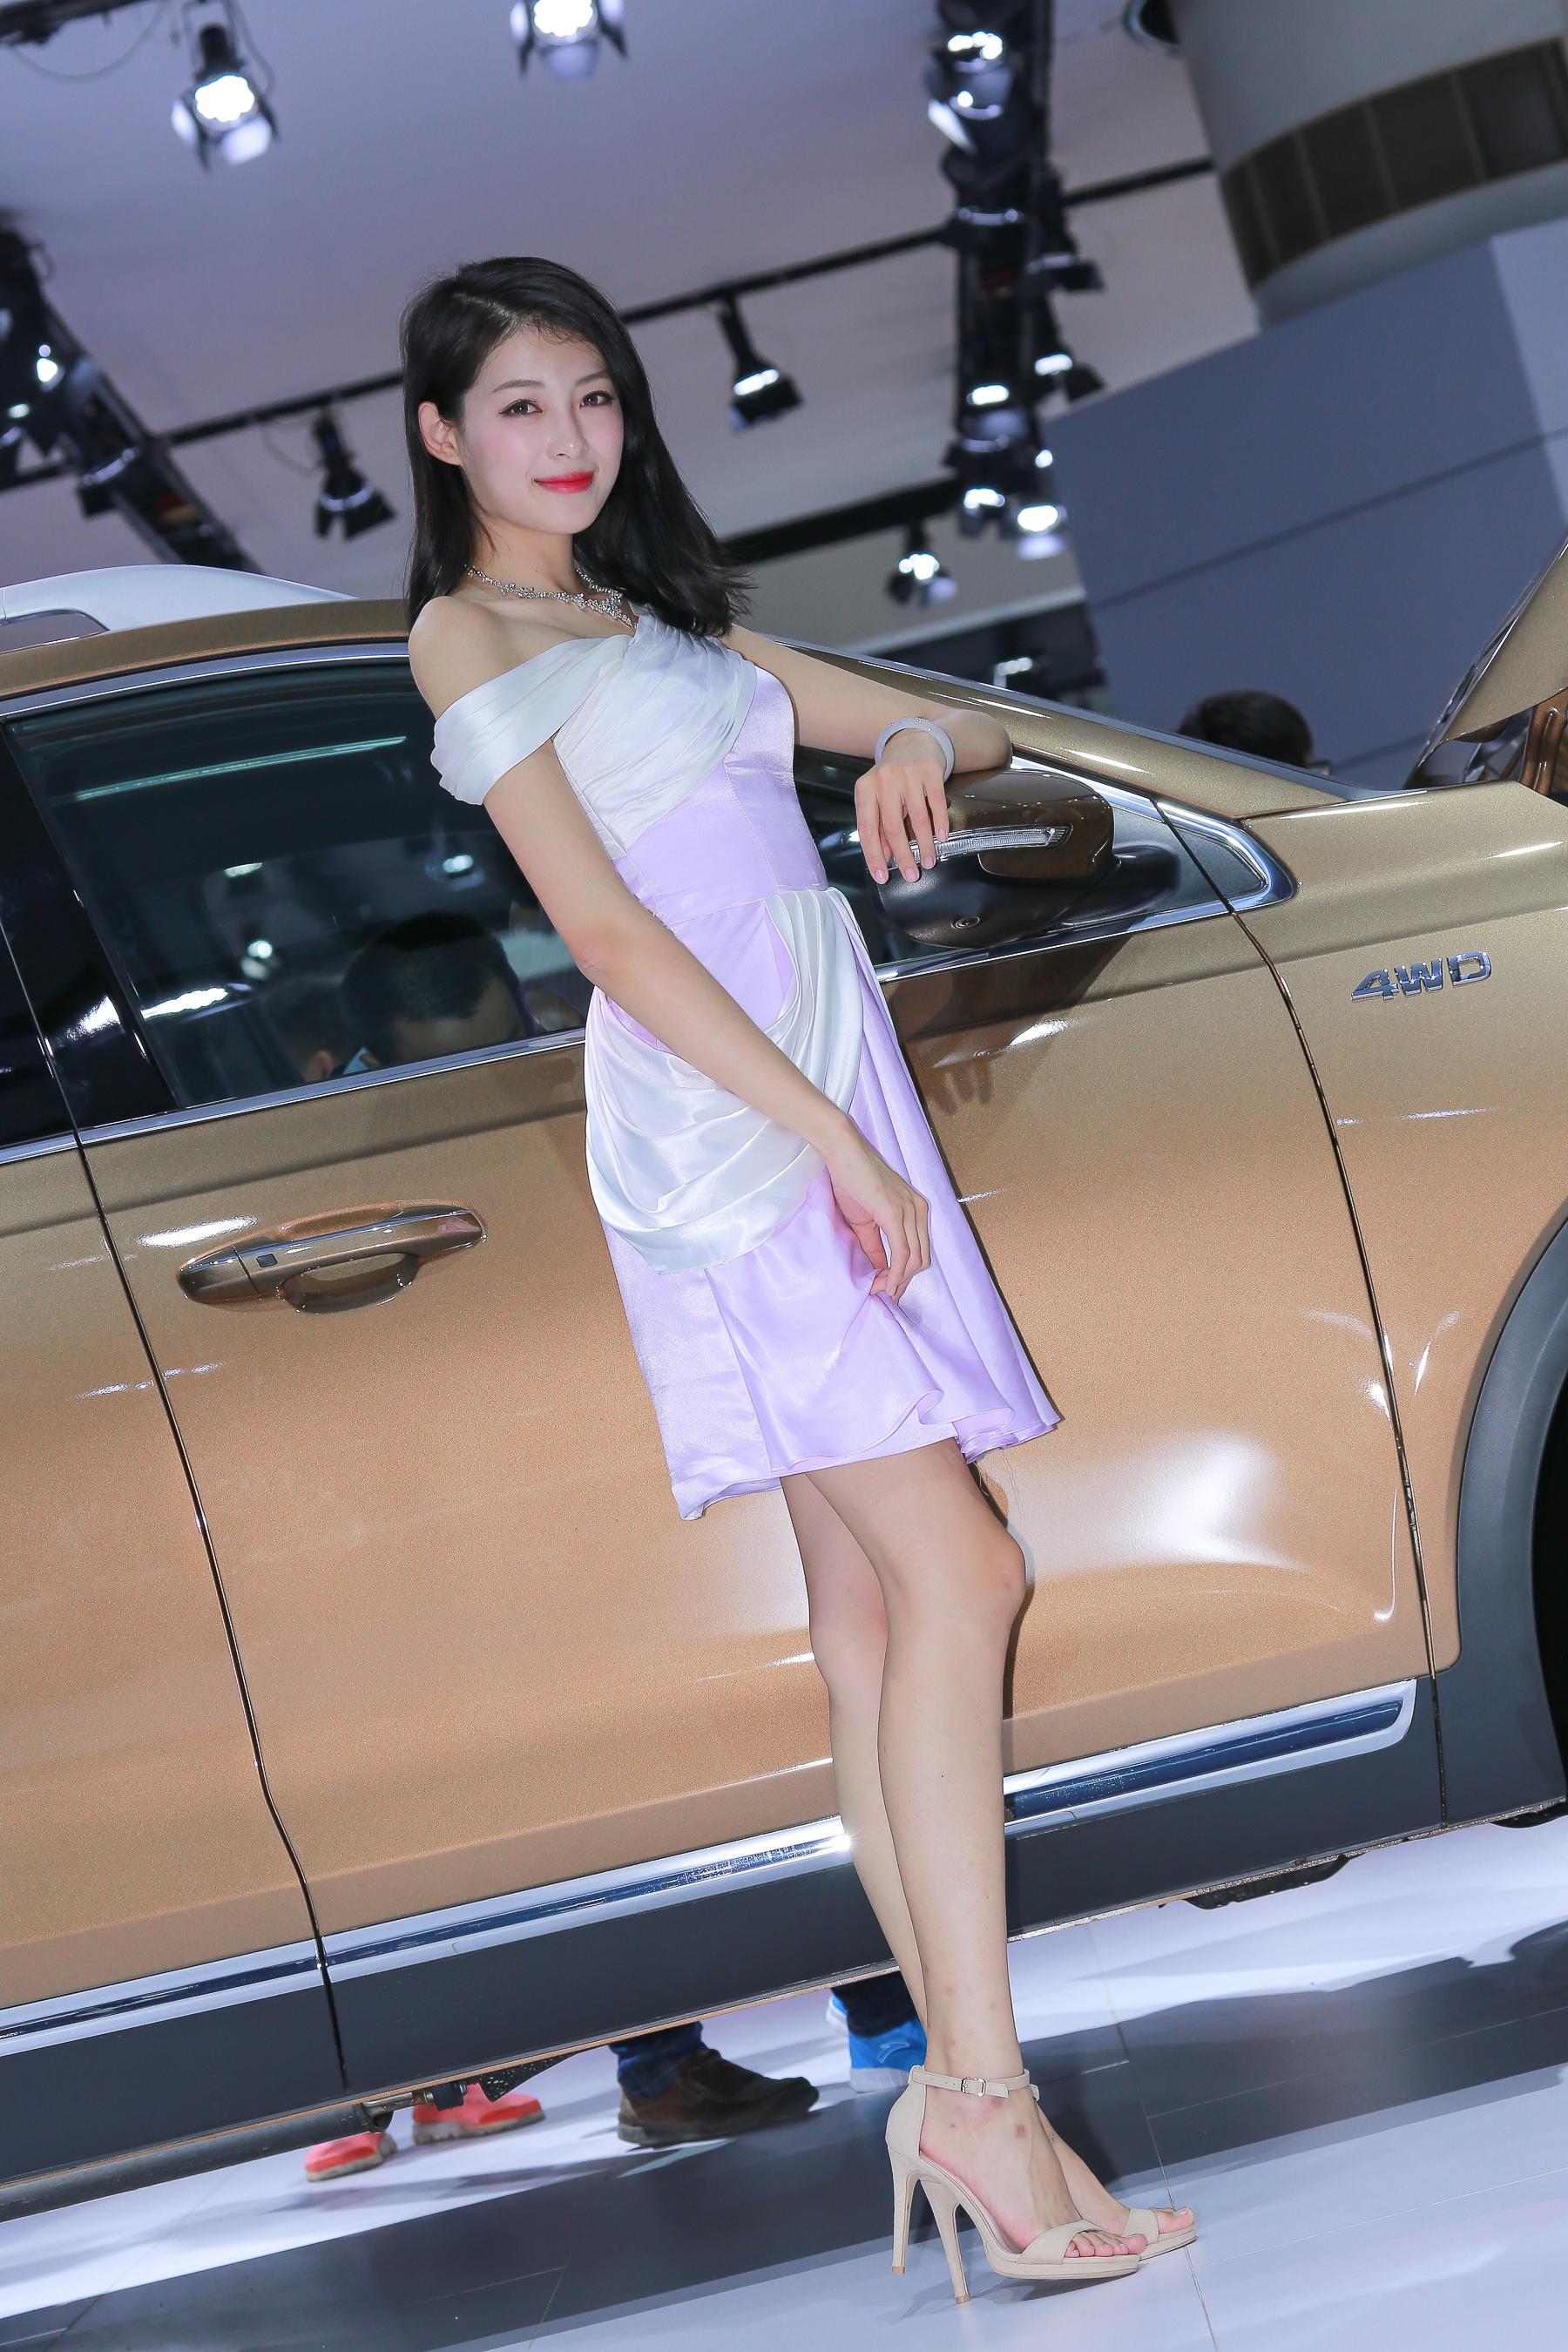 车展人像摄影:美丽的车模身材高挑,微笑可人,气质优雅